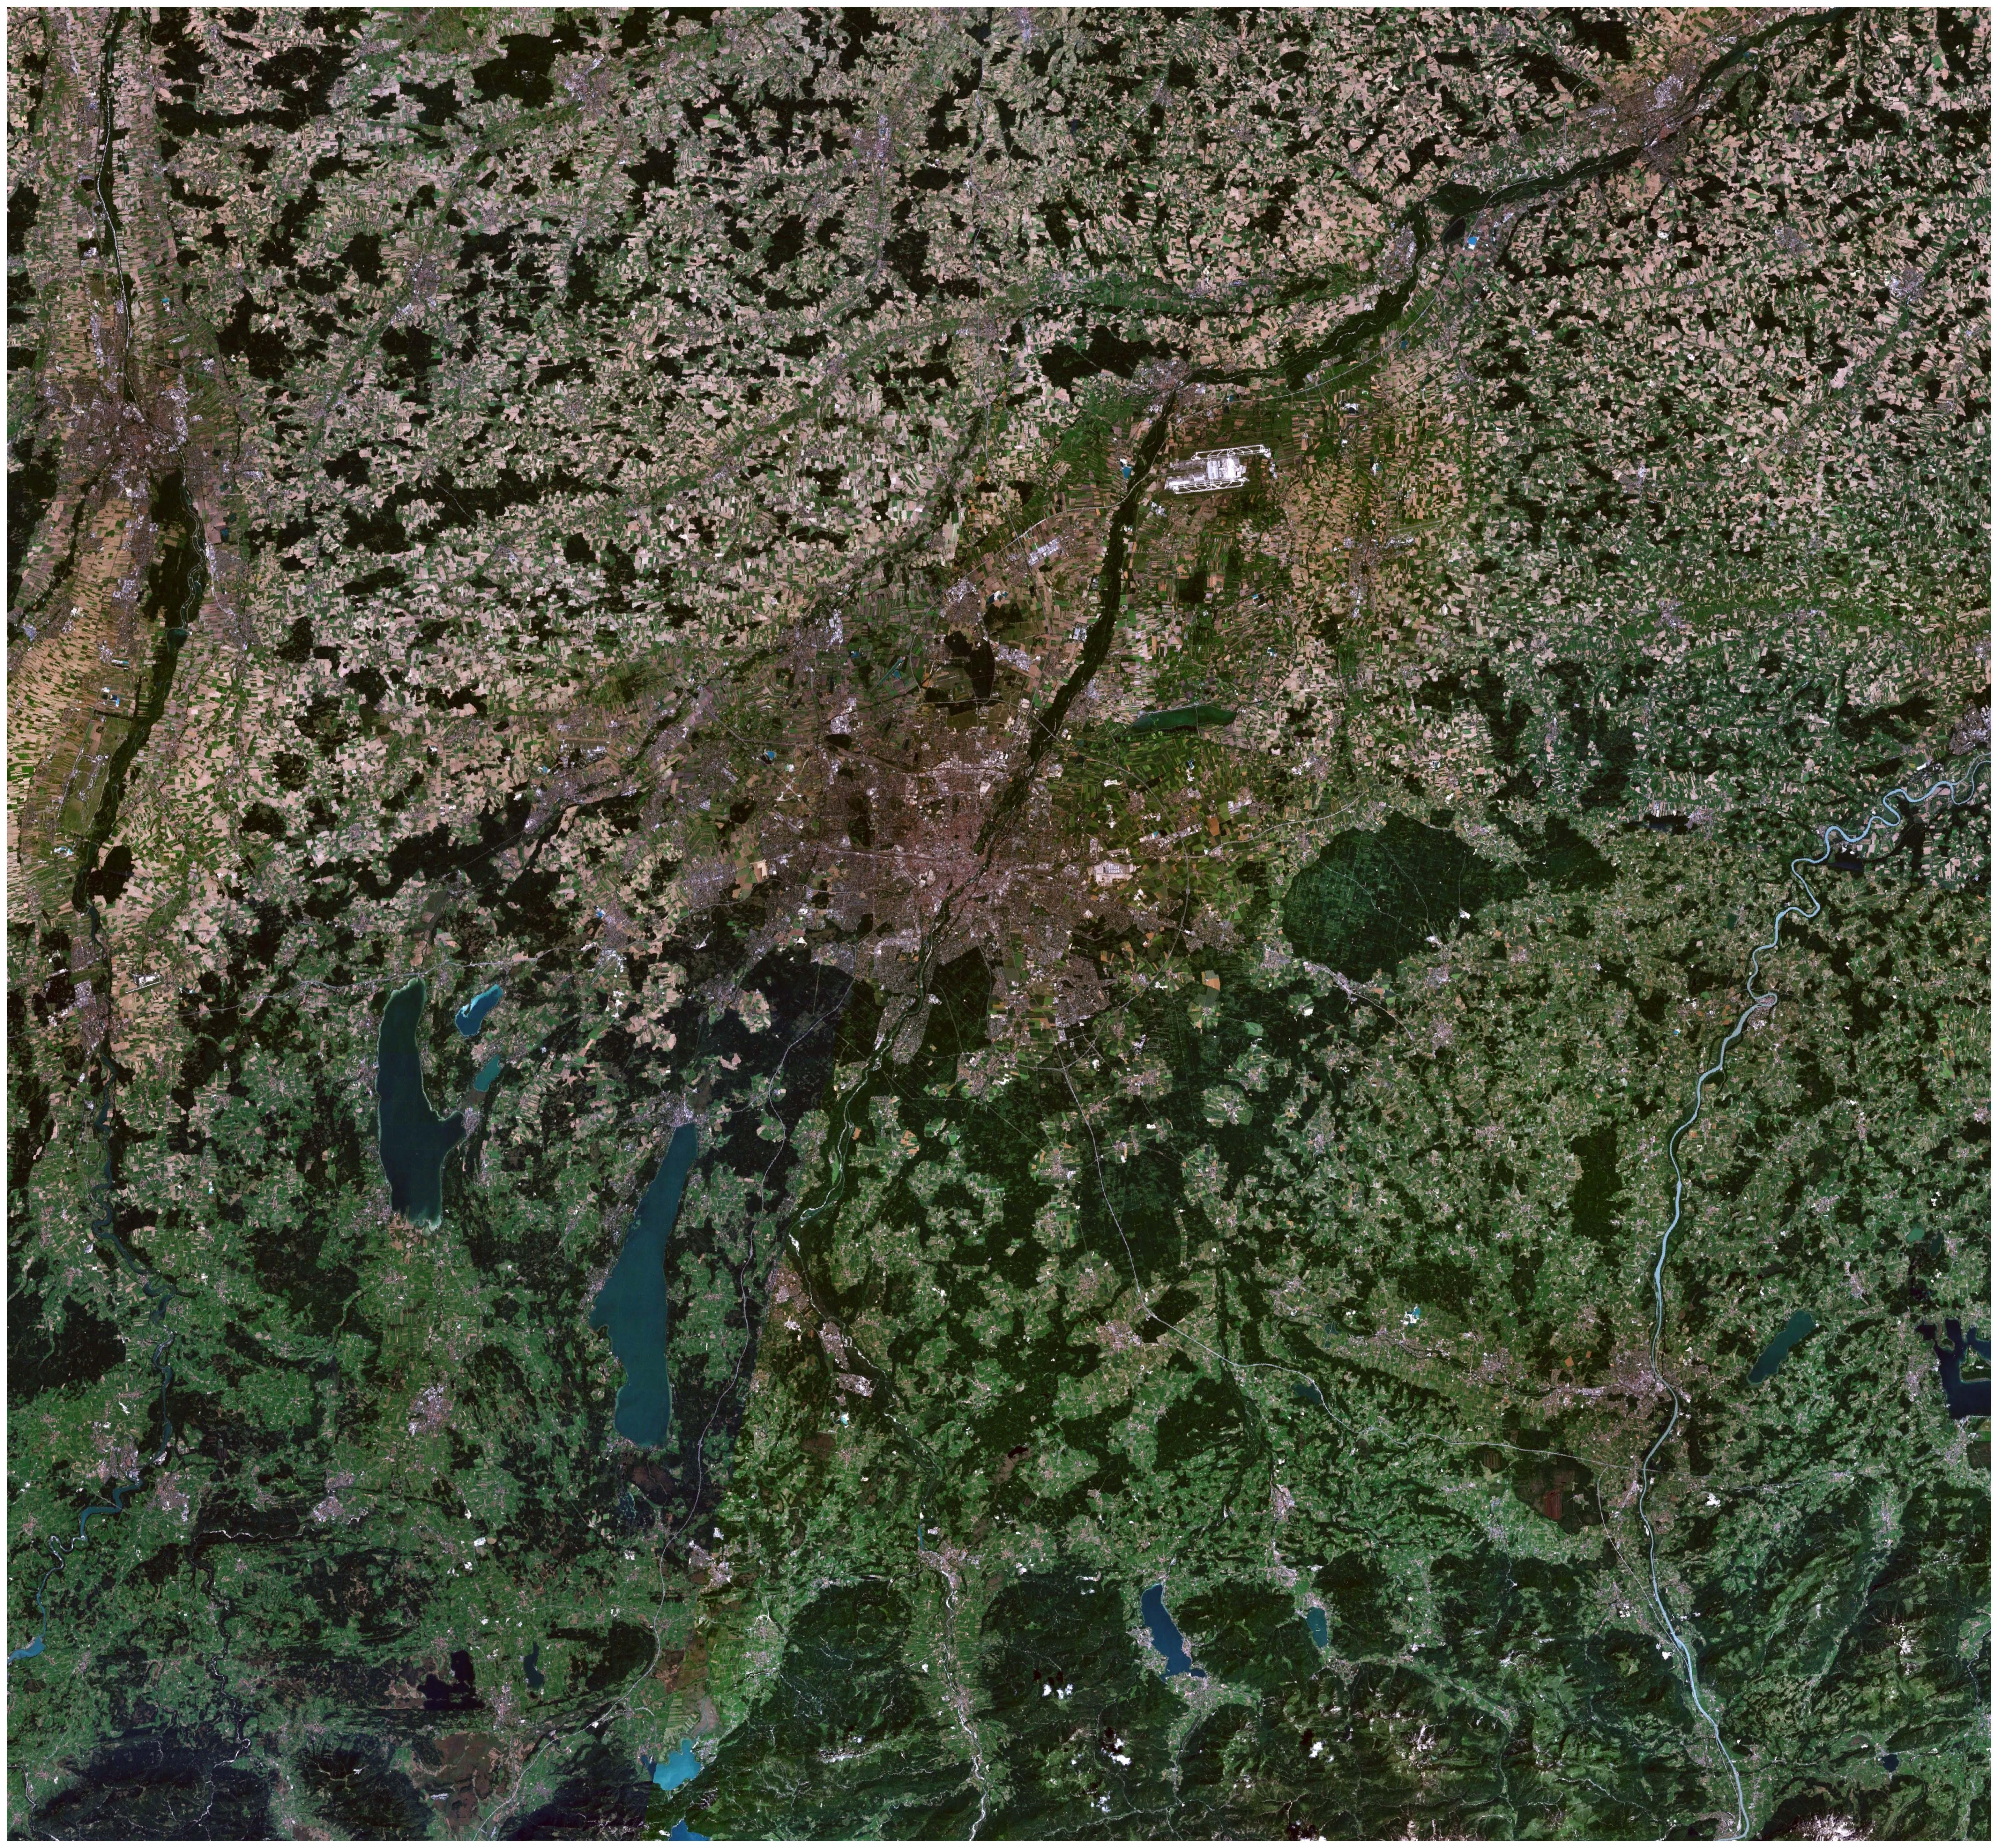 Satellitenfoto der Region München